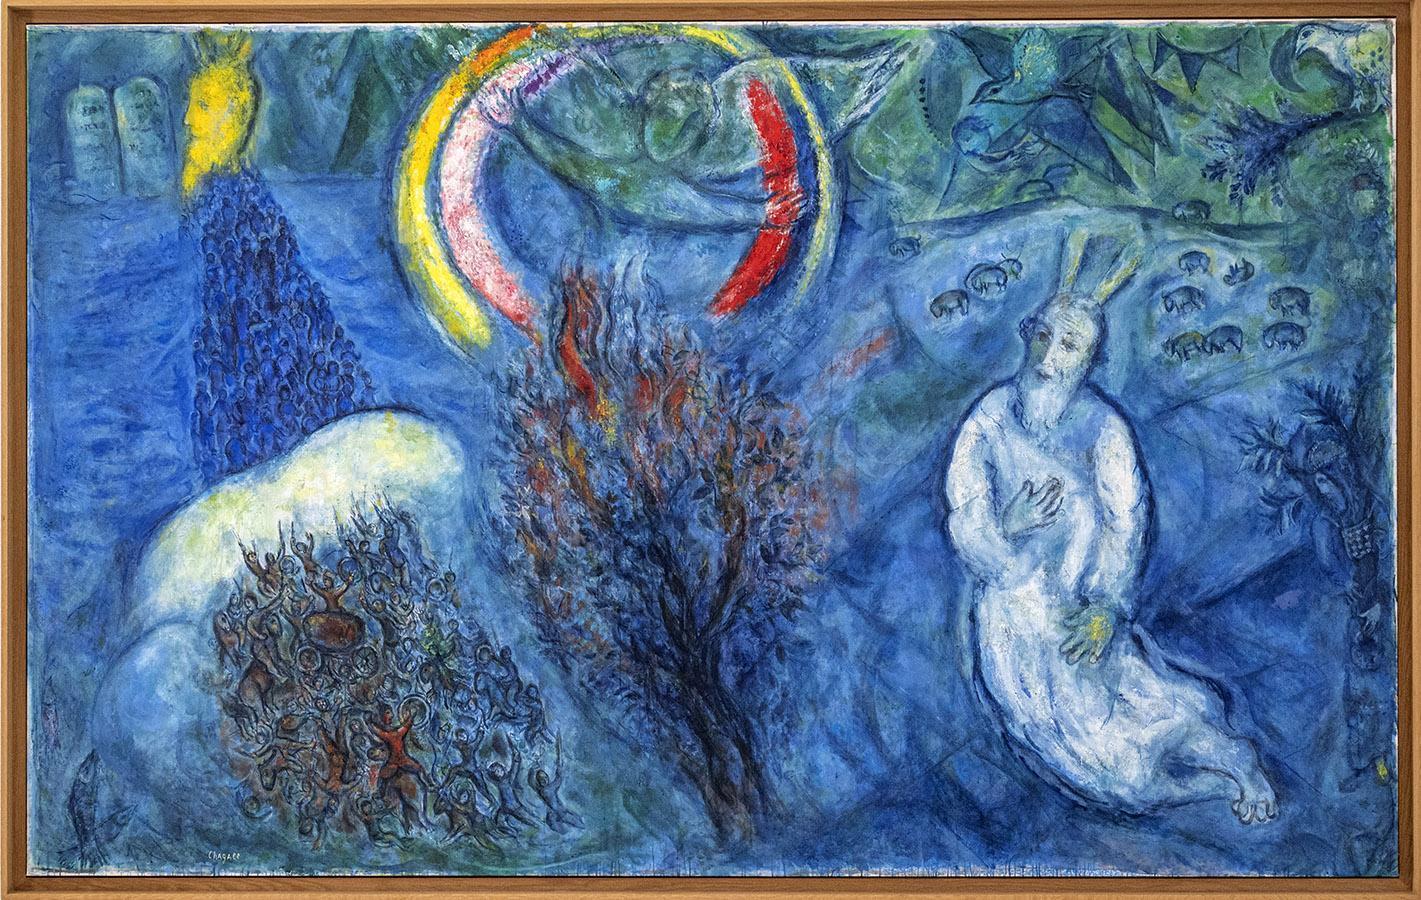 Moses und der brennende Dornbusch. Copyright: Musée Marc Chagall, Foto: Hilke Maunder